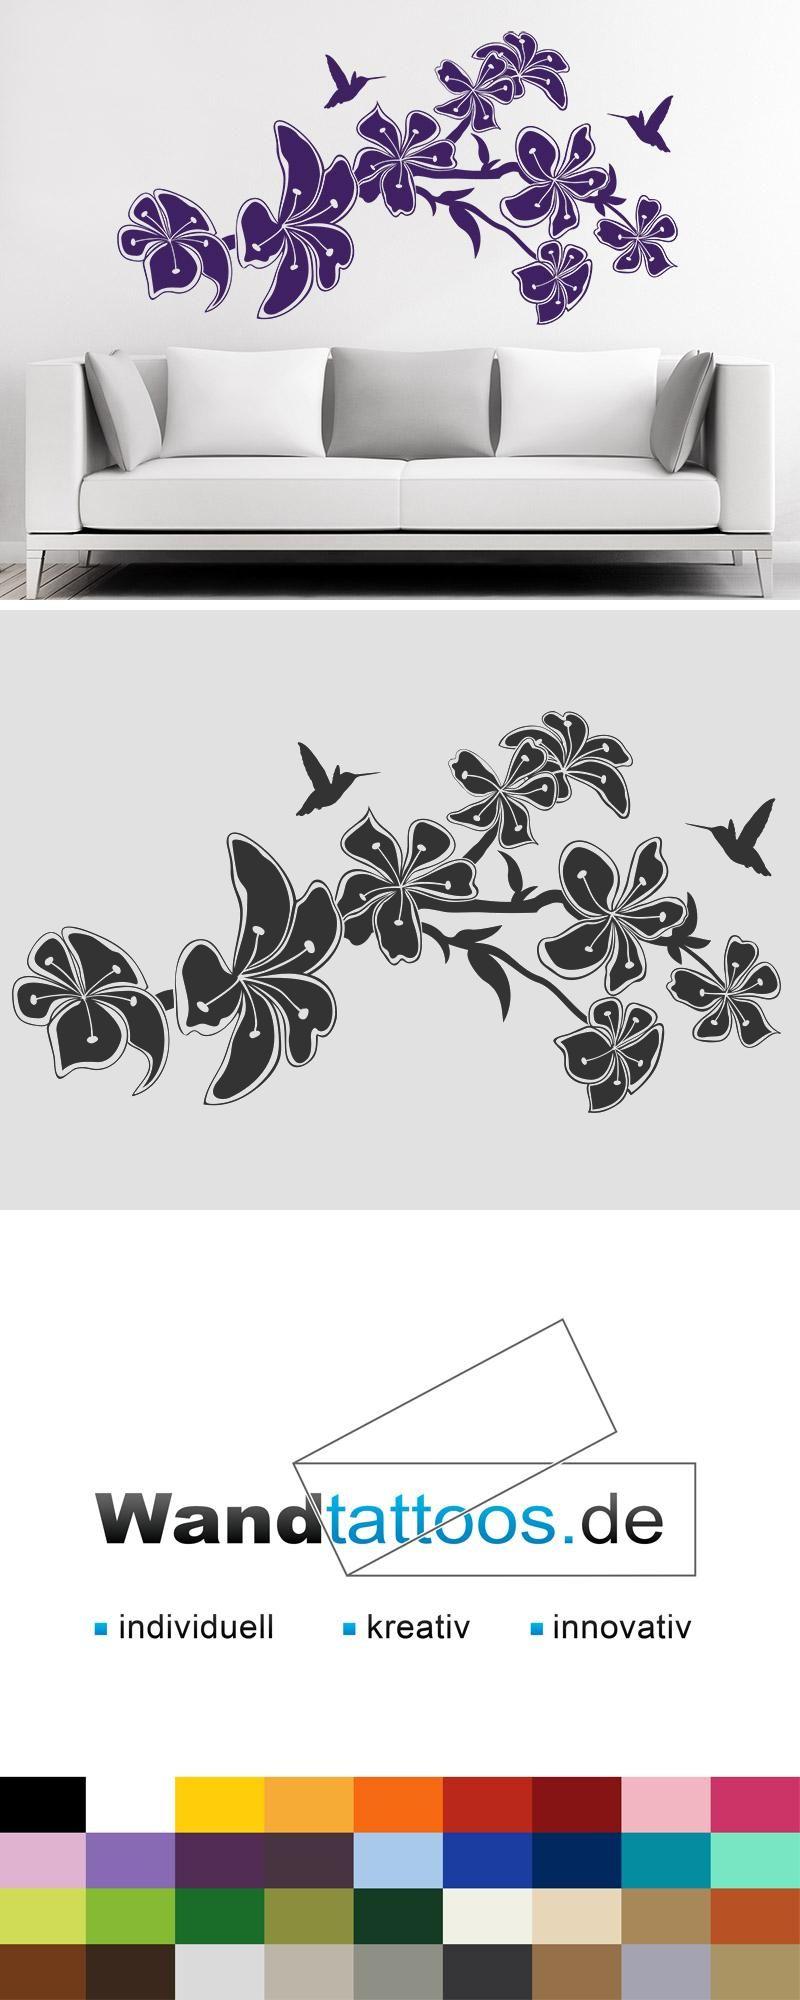 Wandtattoo Blühender Zweig Als Idee Zur Individuellen Wandgestaltung.  Einfach Lieblingsfarbe Und Größe Auswählen. Weitere